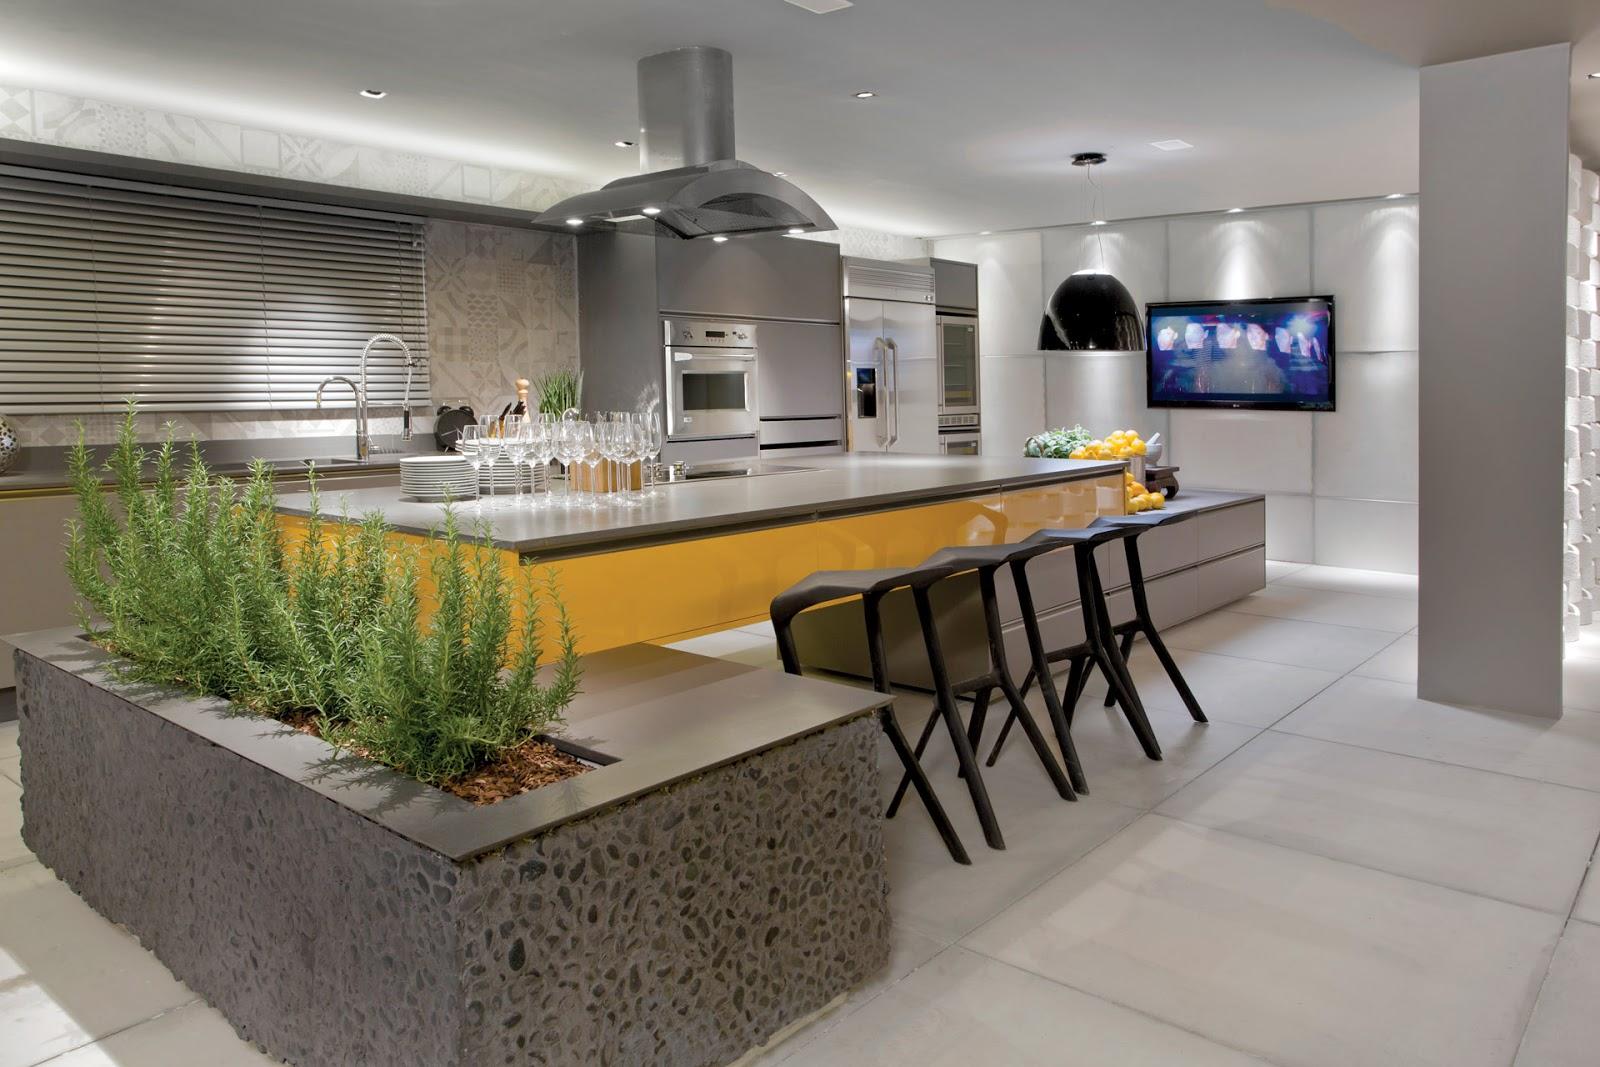 Cozinha cinza com laminado melamínico amarelo. Detalhe para horta  #A47627 1600 1067